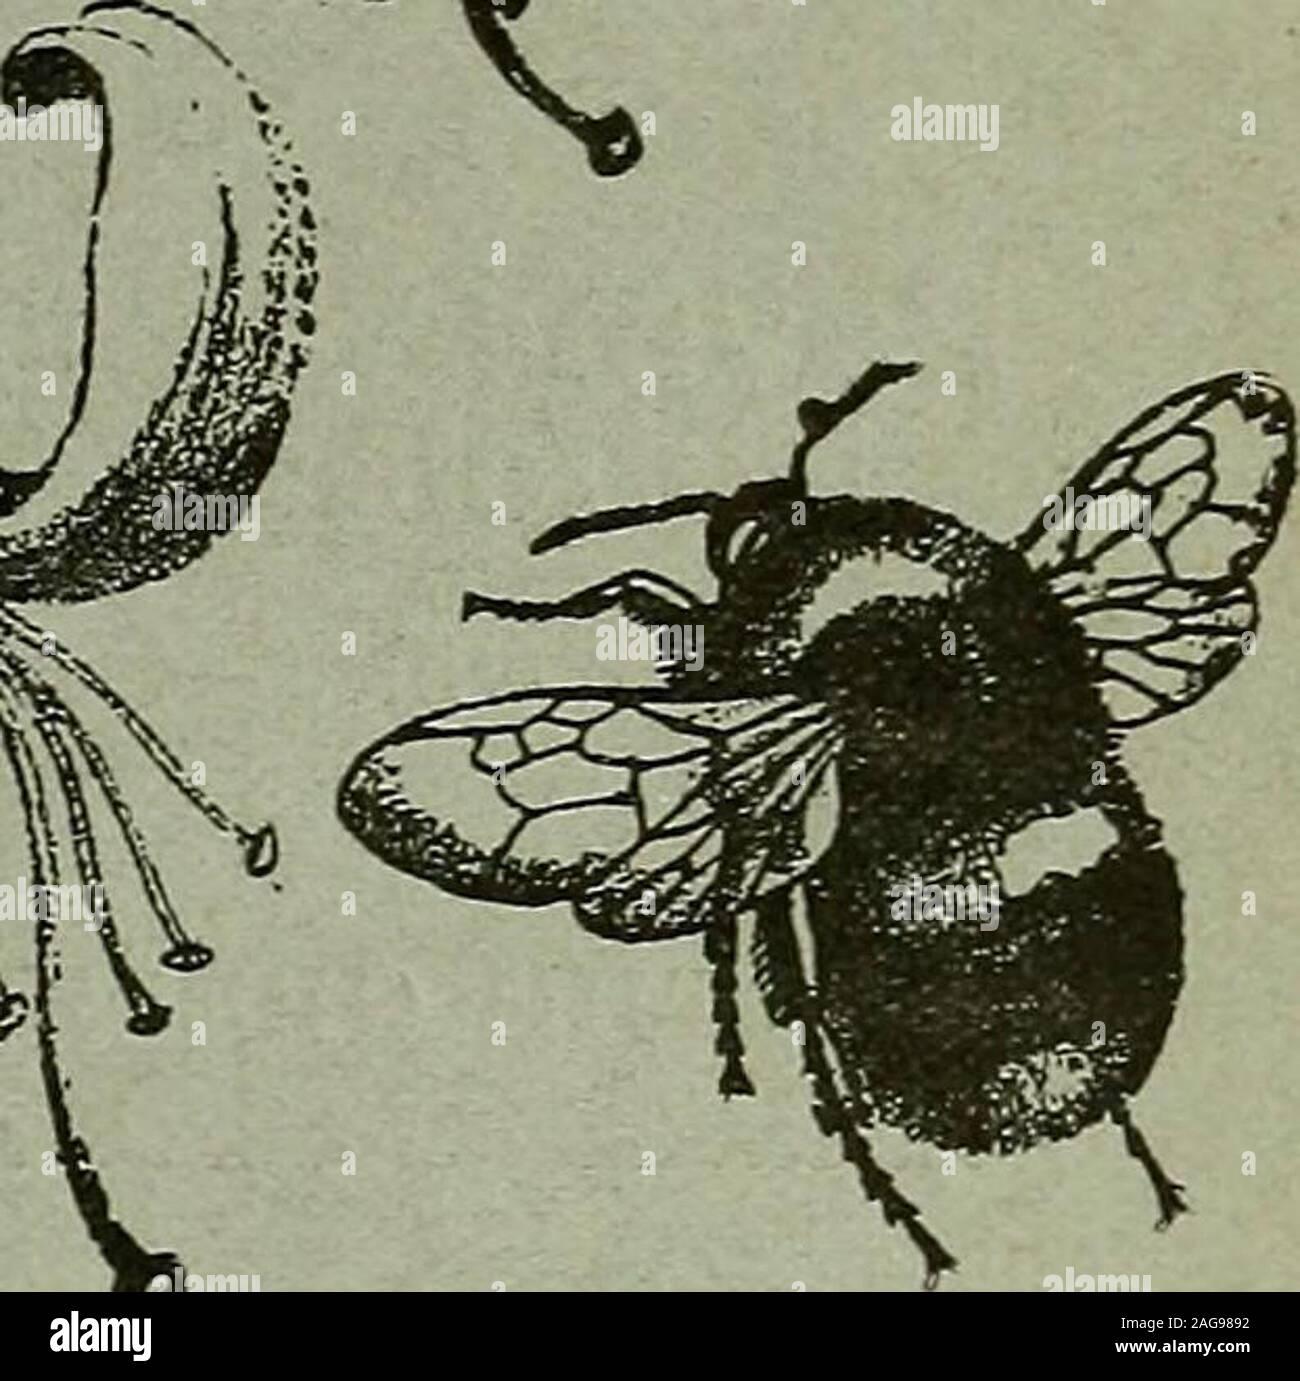 . L'entomologiste du dossier et du journal officiel de variation. Les Entomologistes ET ENREGISTREMENT DE VARIATION JOURNAL édité par J. W. TUTT, F.E.S. Aidé par BEAEE HUDSON T., b.sc, f.e.s., f.e.s.e.M. BUER, B.A., F.Z.S., r.i.s., f.e.s. T. A. CHAPMAN, m.d., f.z.s., f.e.s.JAS. E. COLLIN, F.E.S. H. St J.K.DONISTHORPE f.z.s. f.e.s. Loth, février 1906. Price SIXPENCE (net). (Avec la plaque.) Abonnement pour compléter le volume, publiez gratuitement (y compris tous les numéros doubles, etc.)sept shillings, POUR ÊTRE TRANSMIS À J. HERBERT TUTT, 119, Westcombe Hill, Blackheath, LondoNj S.E. Banque D'Images